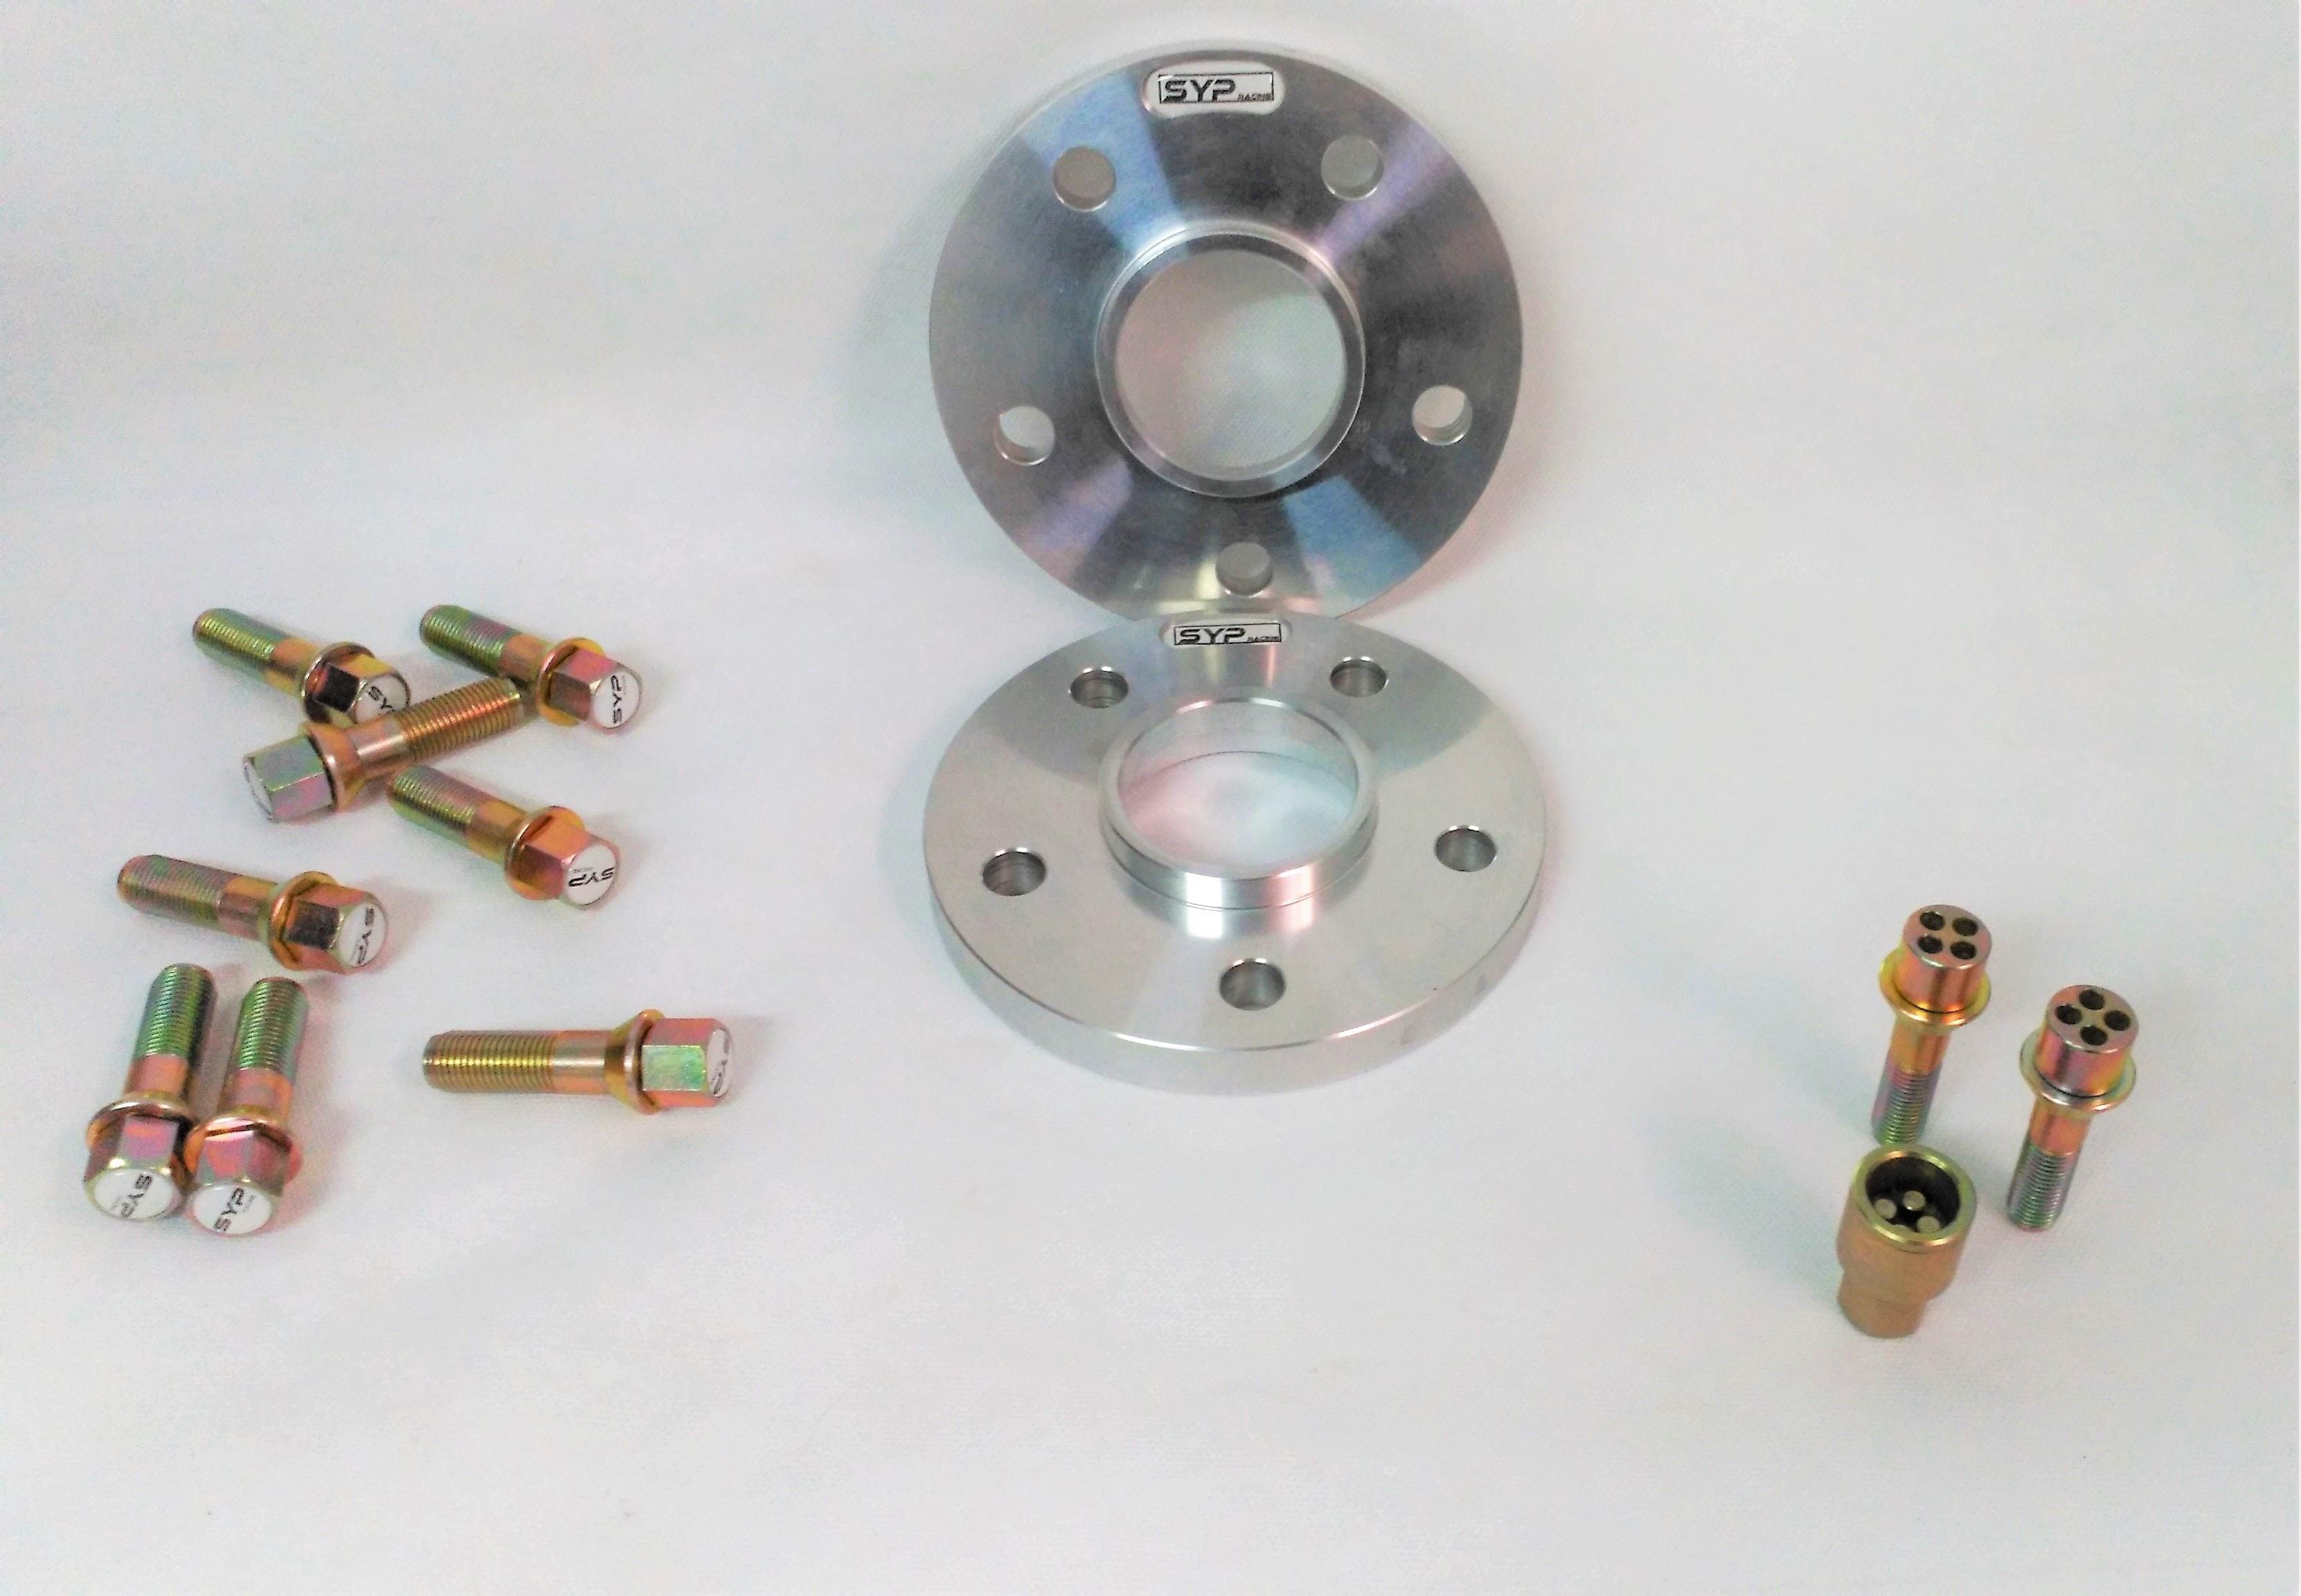 Foto2 Separadores de ruedas Volkswagen Sypracing 16mm, 21mm, 25mm y 30mm